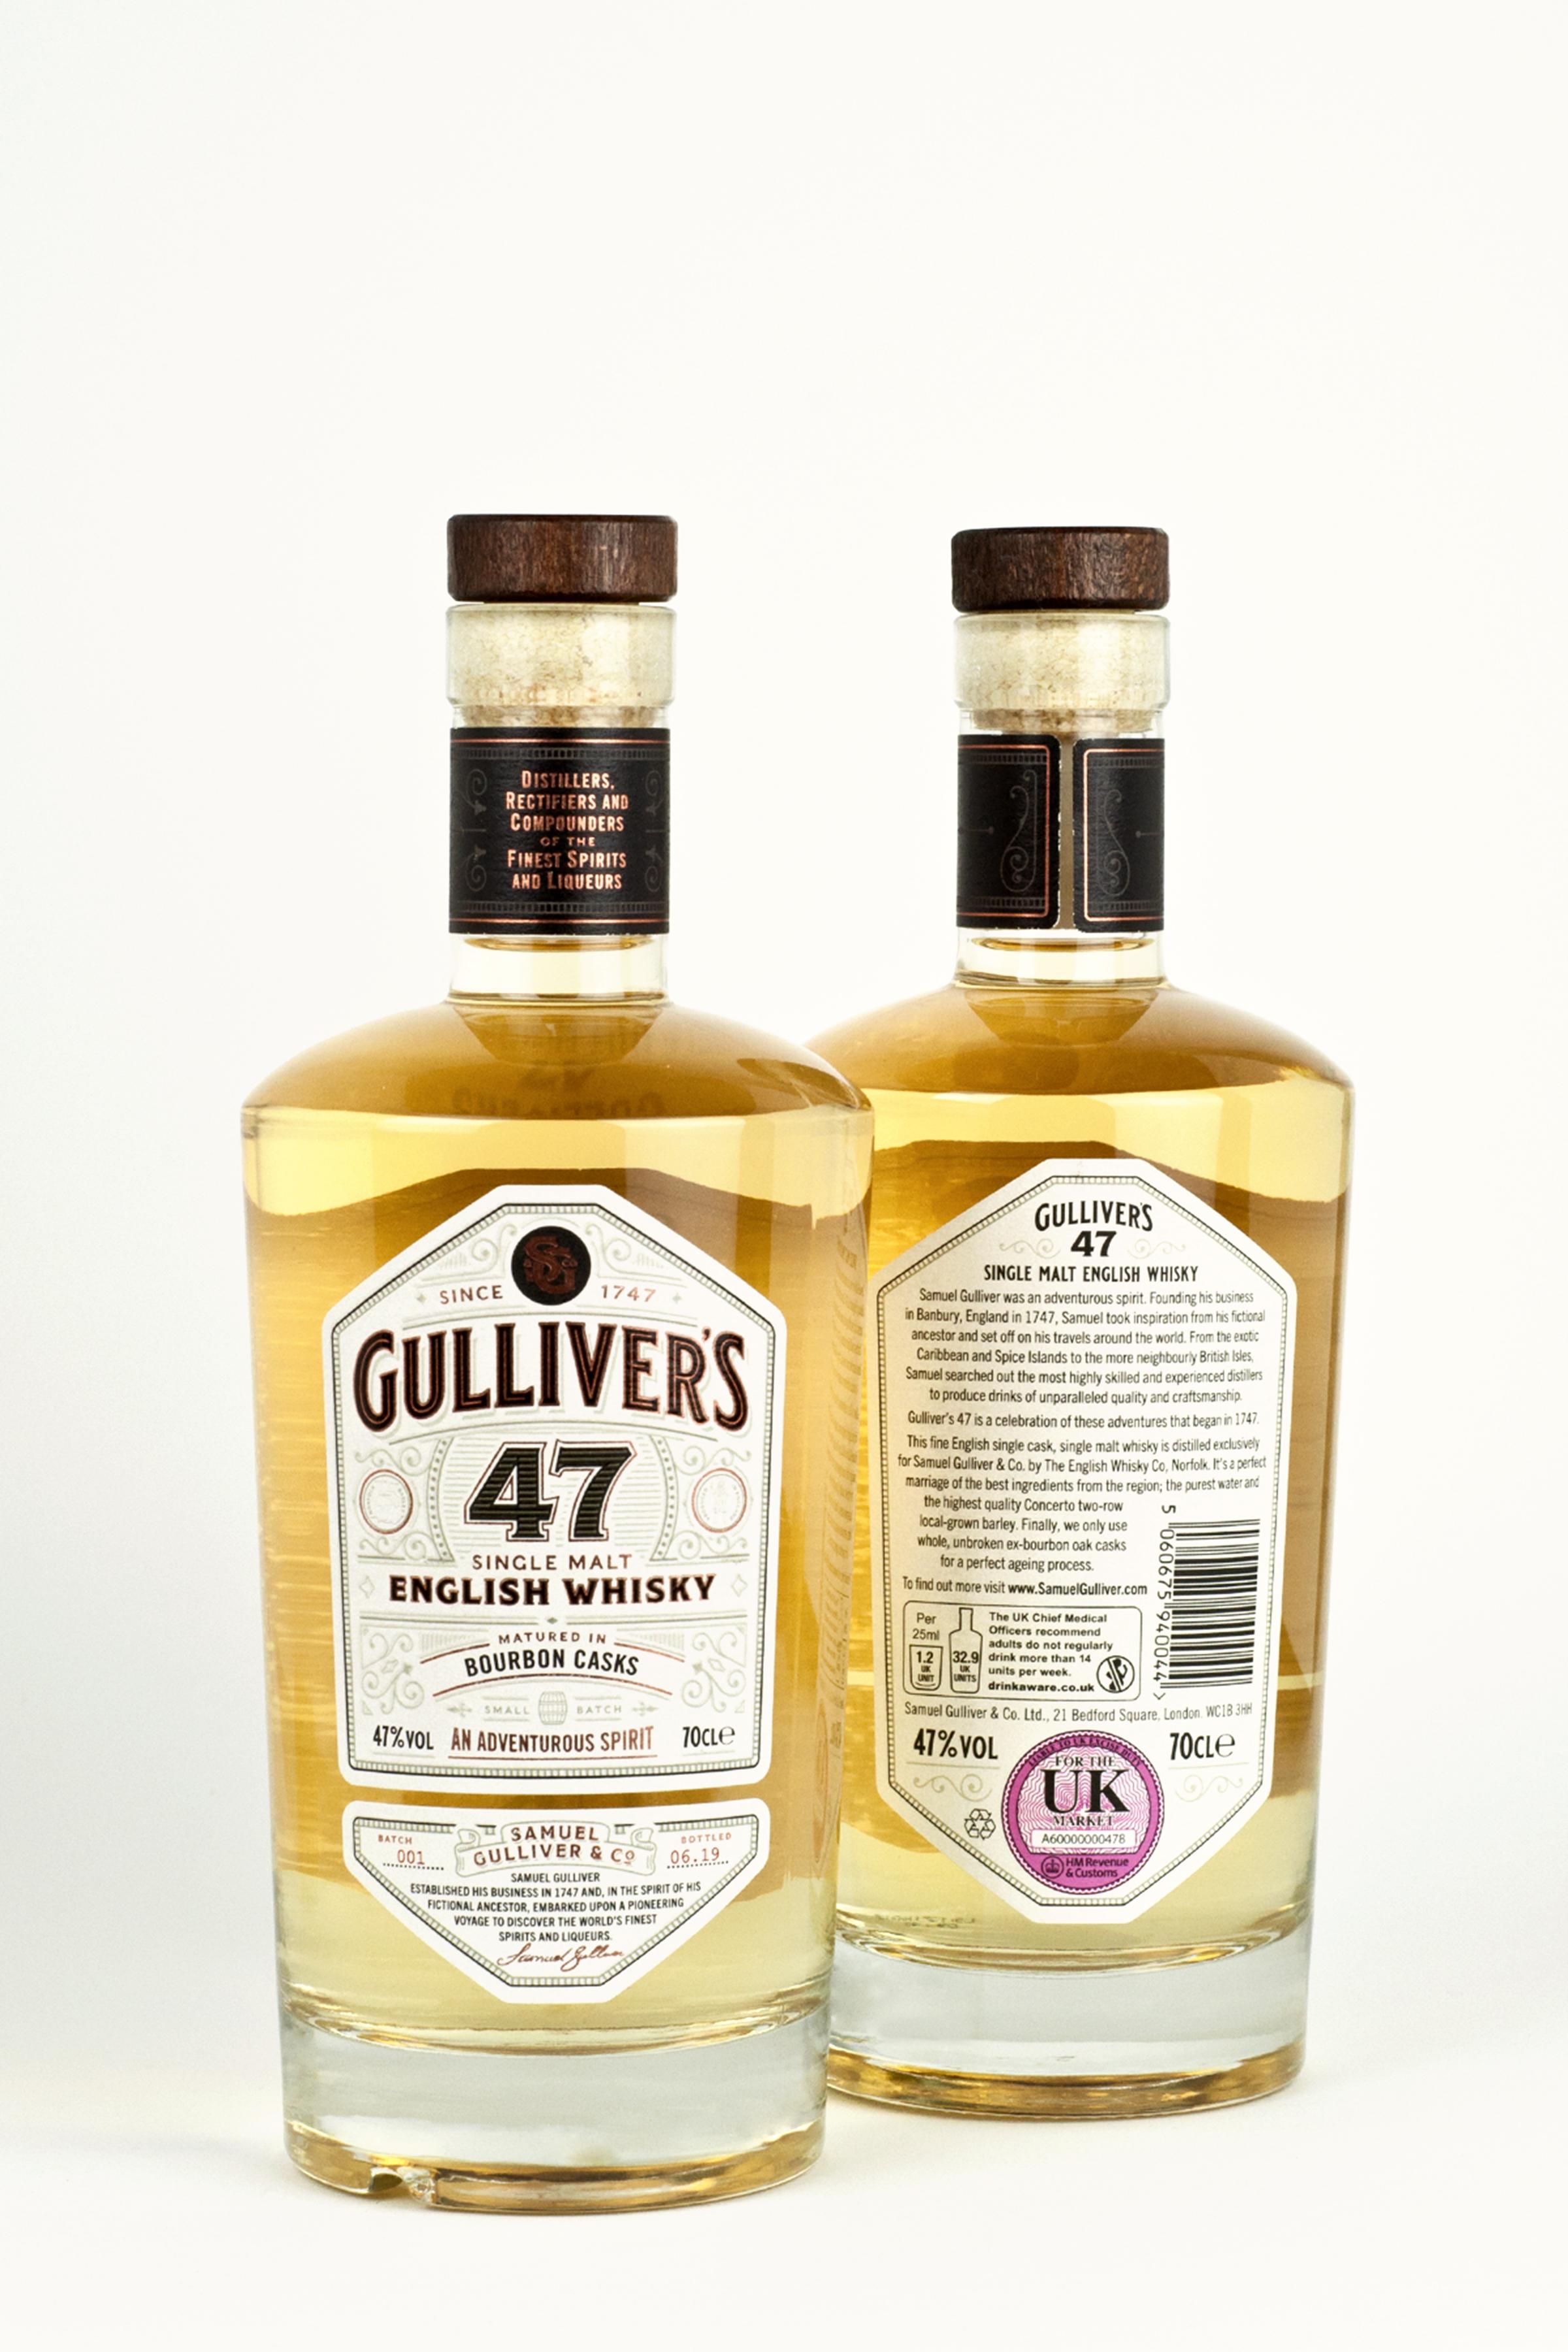 Gulliver's English whisky